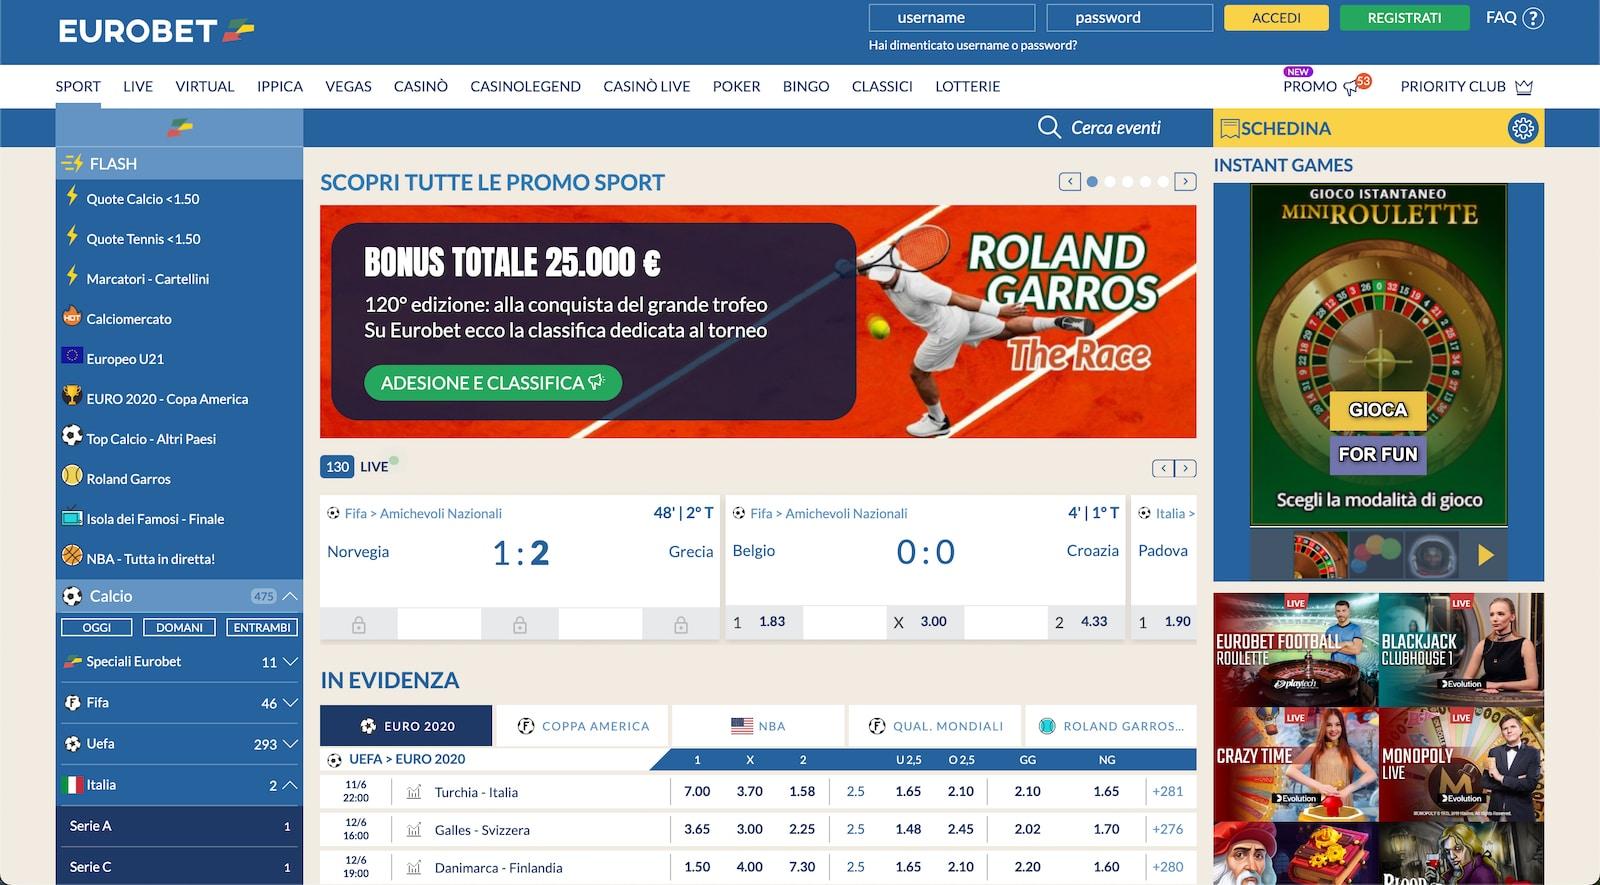 vantaggi delle scommesse sportive live su eurobet italia